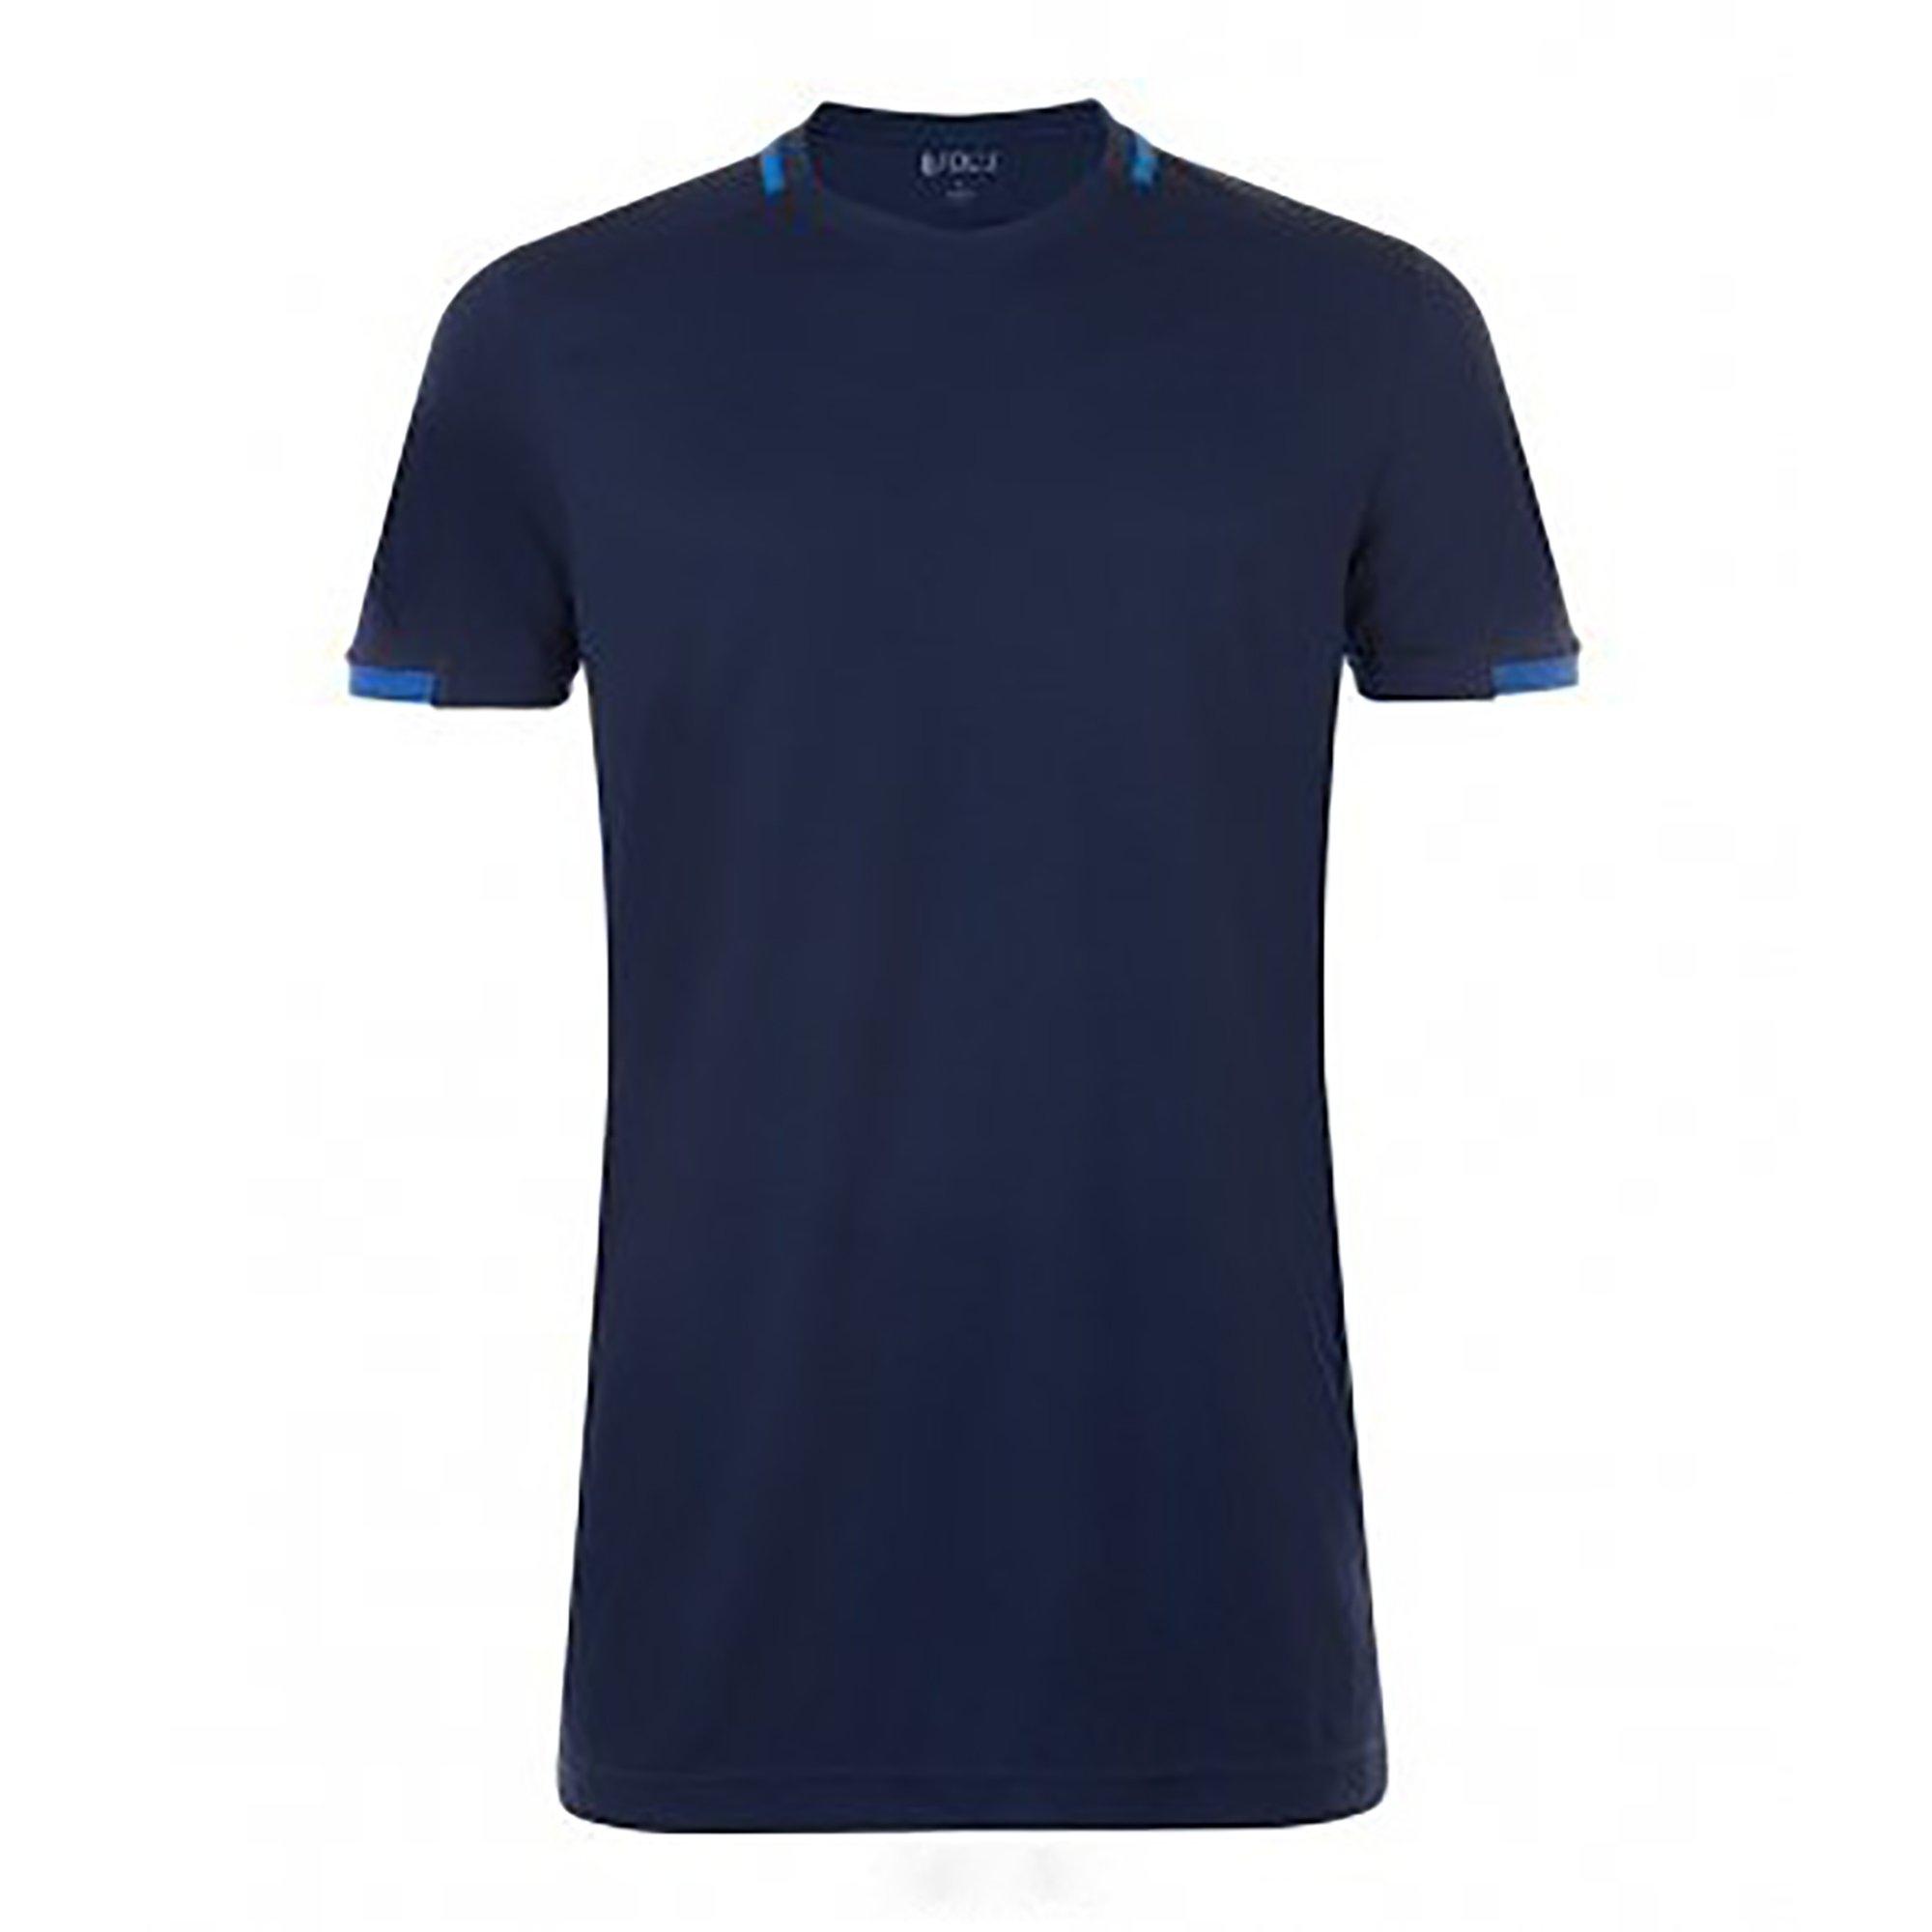 Sols T-shirt »Herren Classico Kontrast Kurzarm Fußball« - gratis ruilen op otto.nl